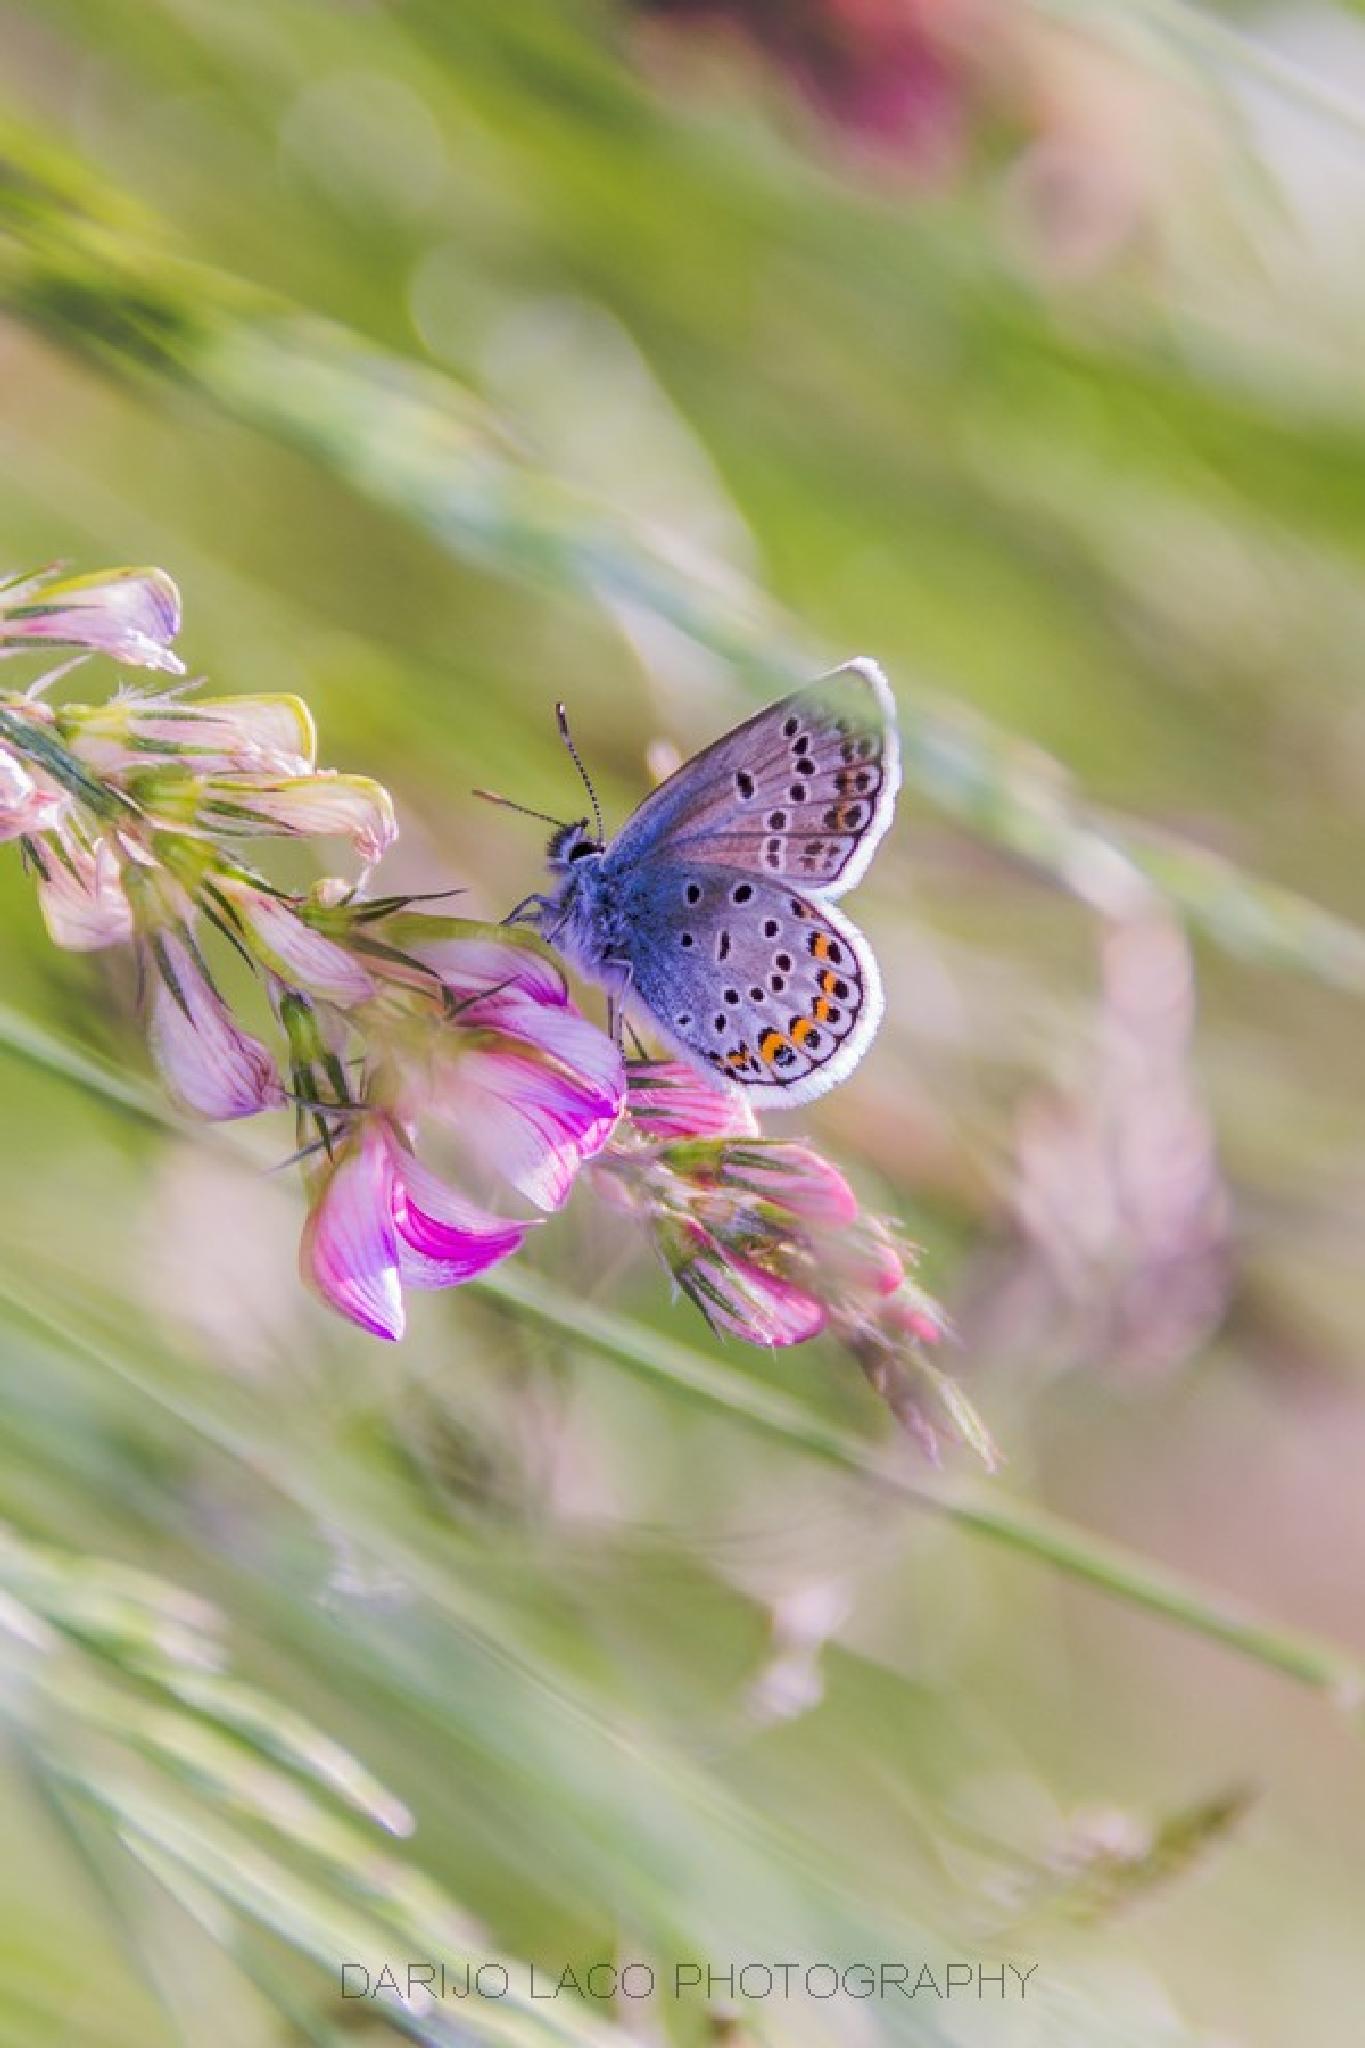 Butterfly by Darijo Laco